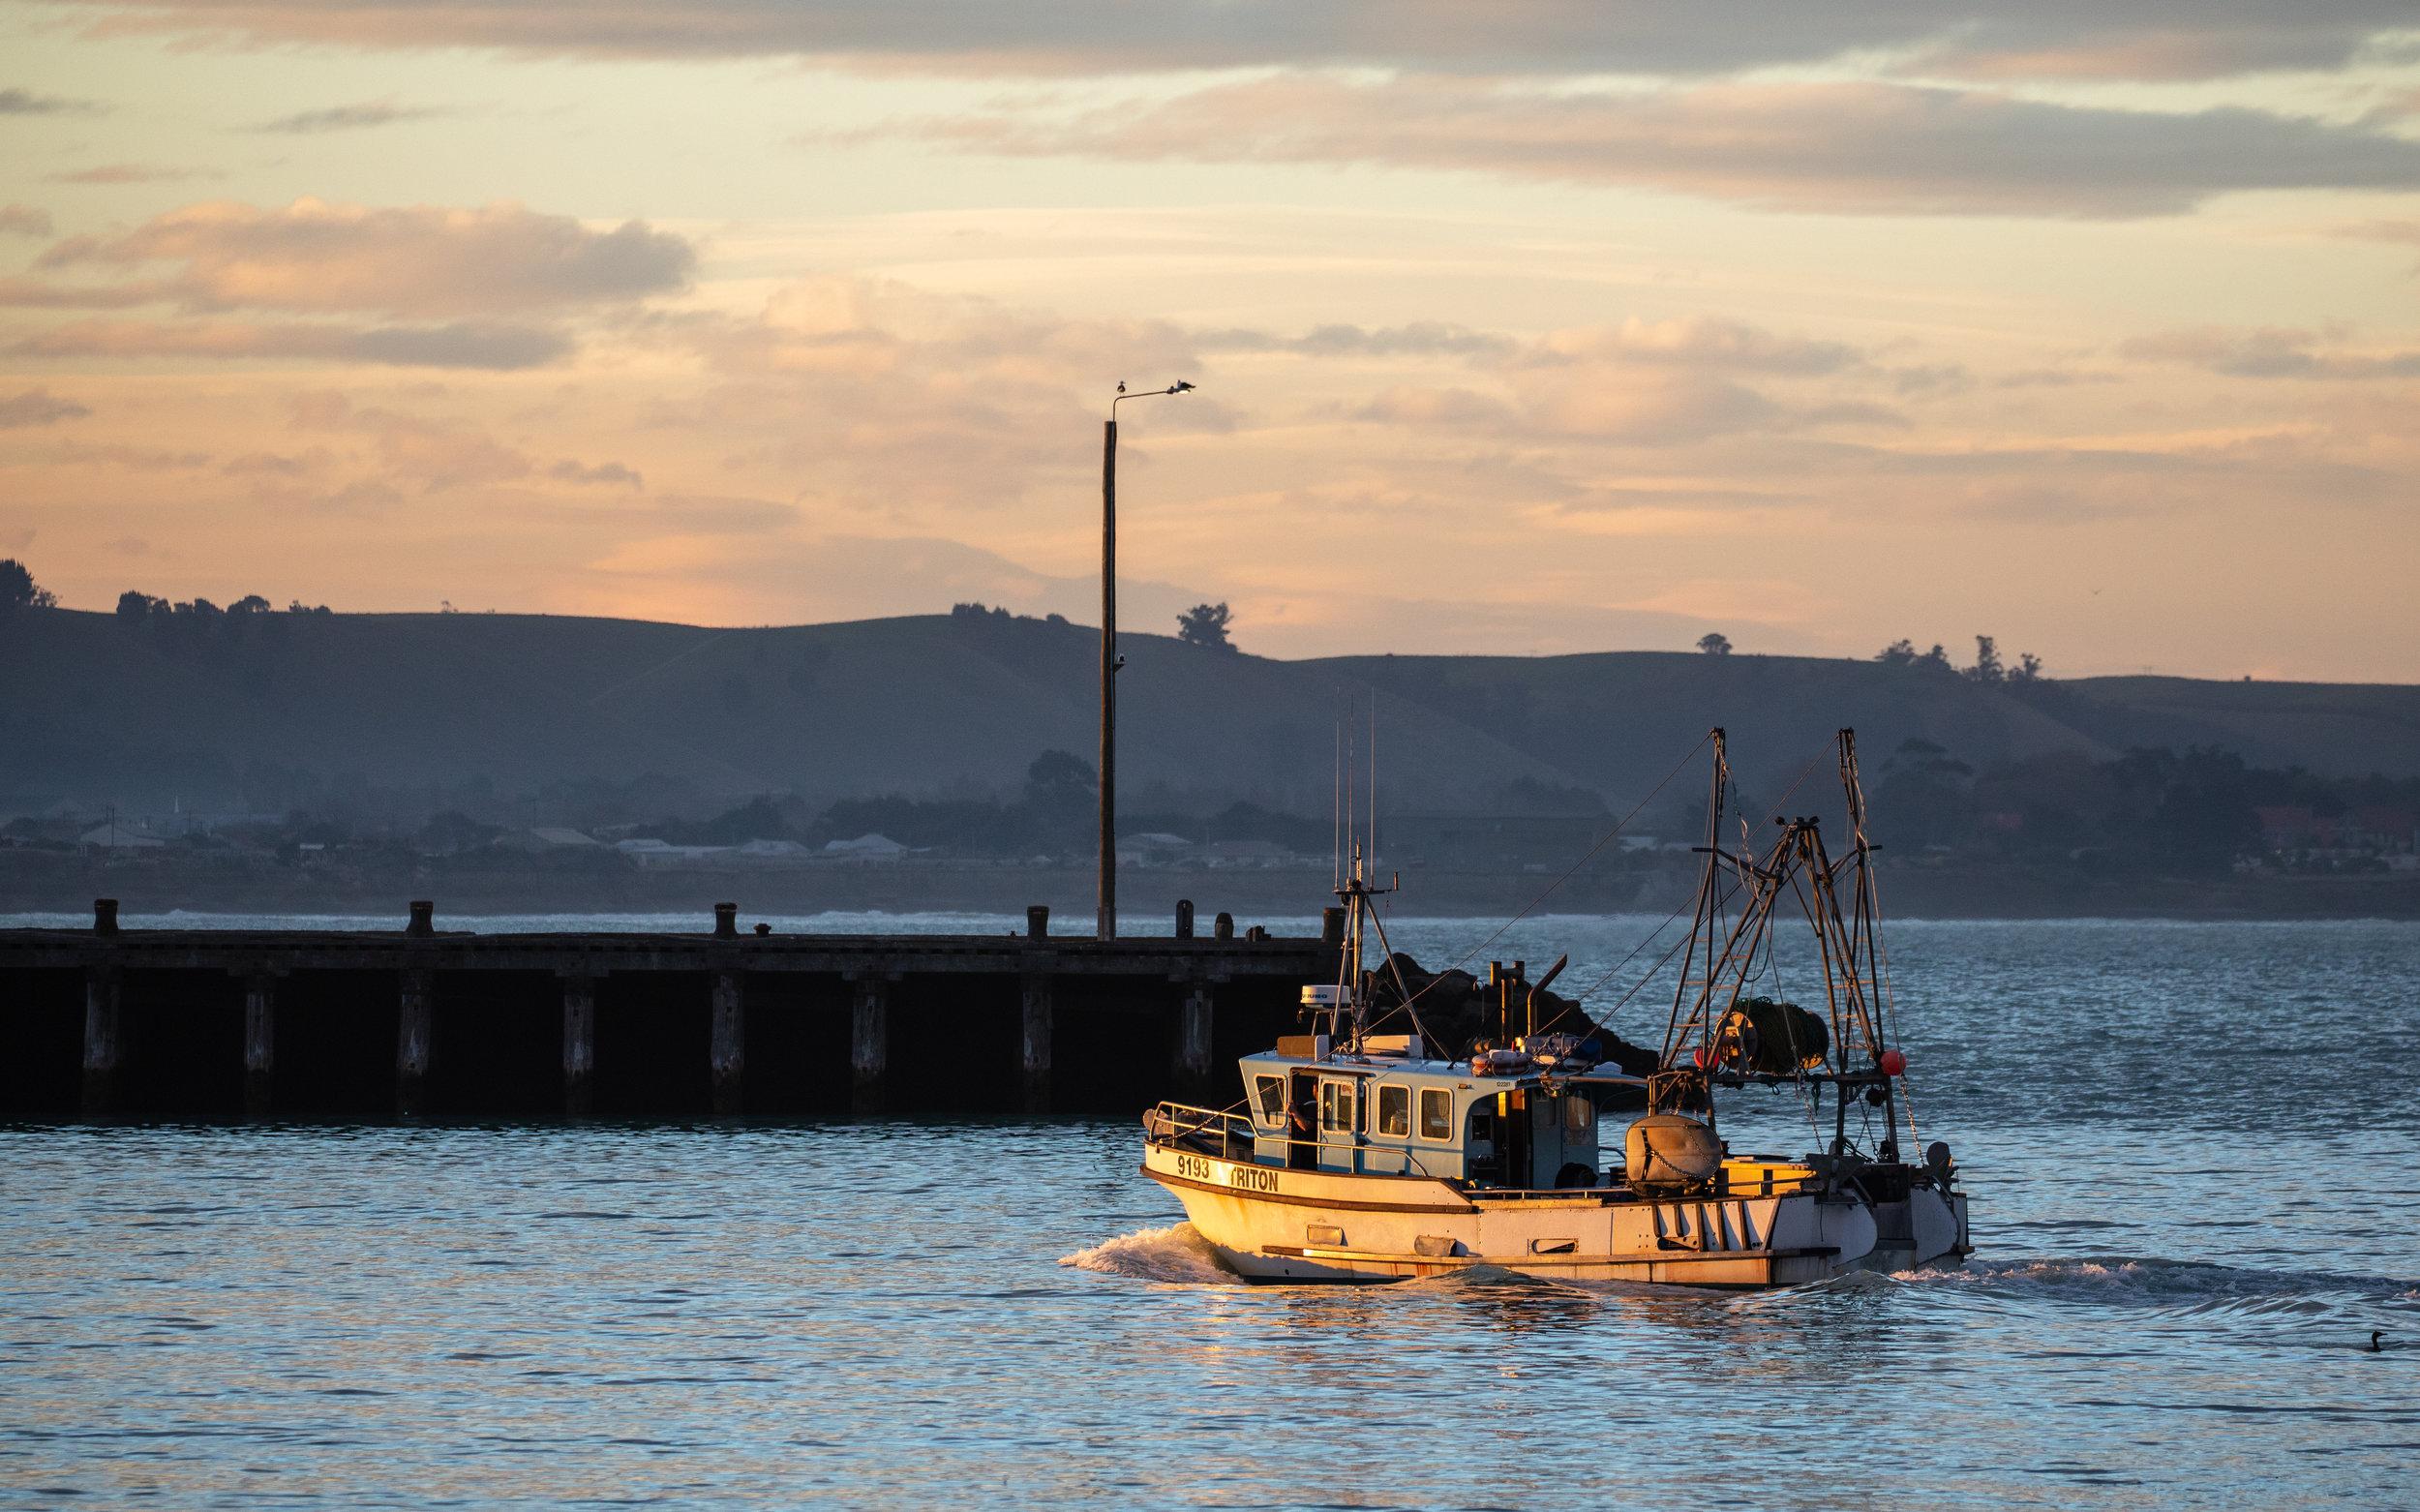 Fishing vessel arriving home in Oamaru